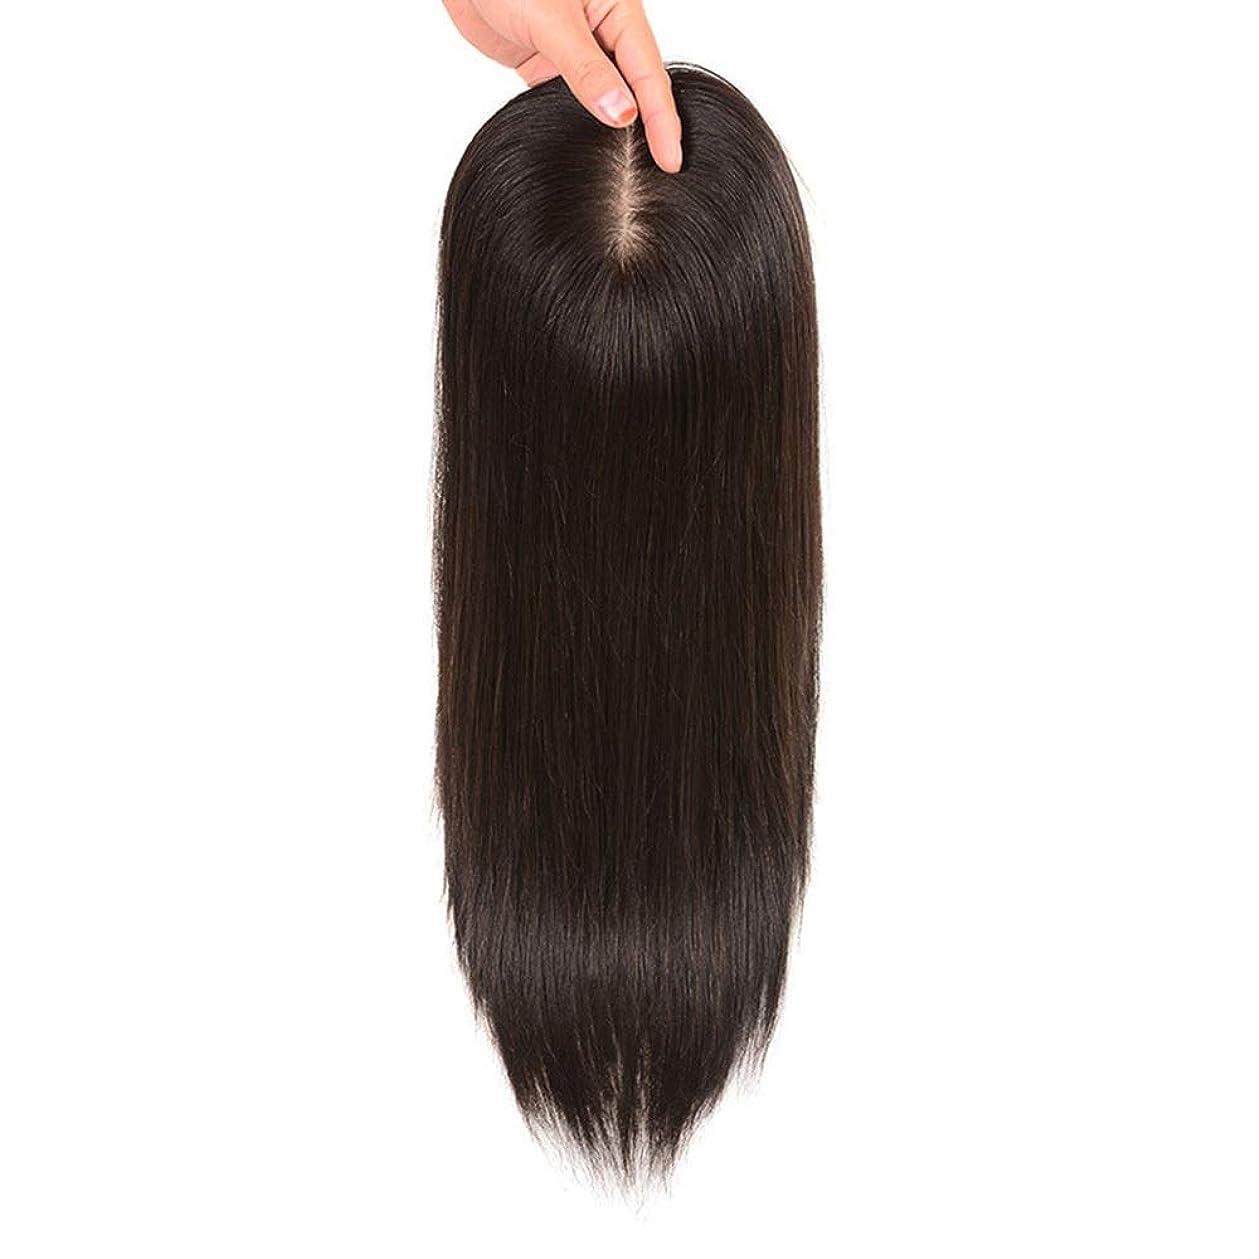 スクワイア幸運なことに毛皮BOBIDYEE 女性の長いストレートヘアクリップヘアエクステンションで髪をかつら見えないパーティーかつらを増やす (色 : Natural black, サイズ : [7x10]25cm)